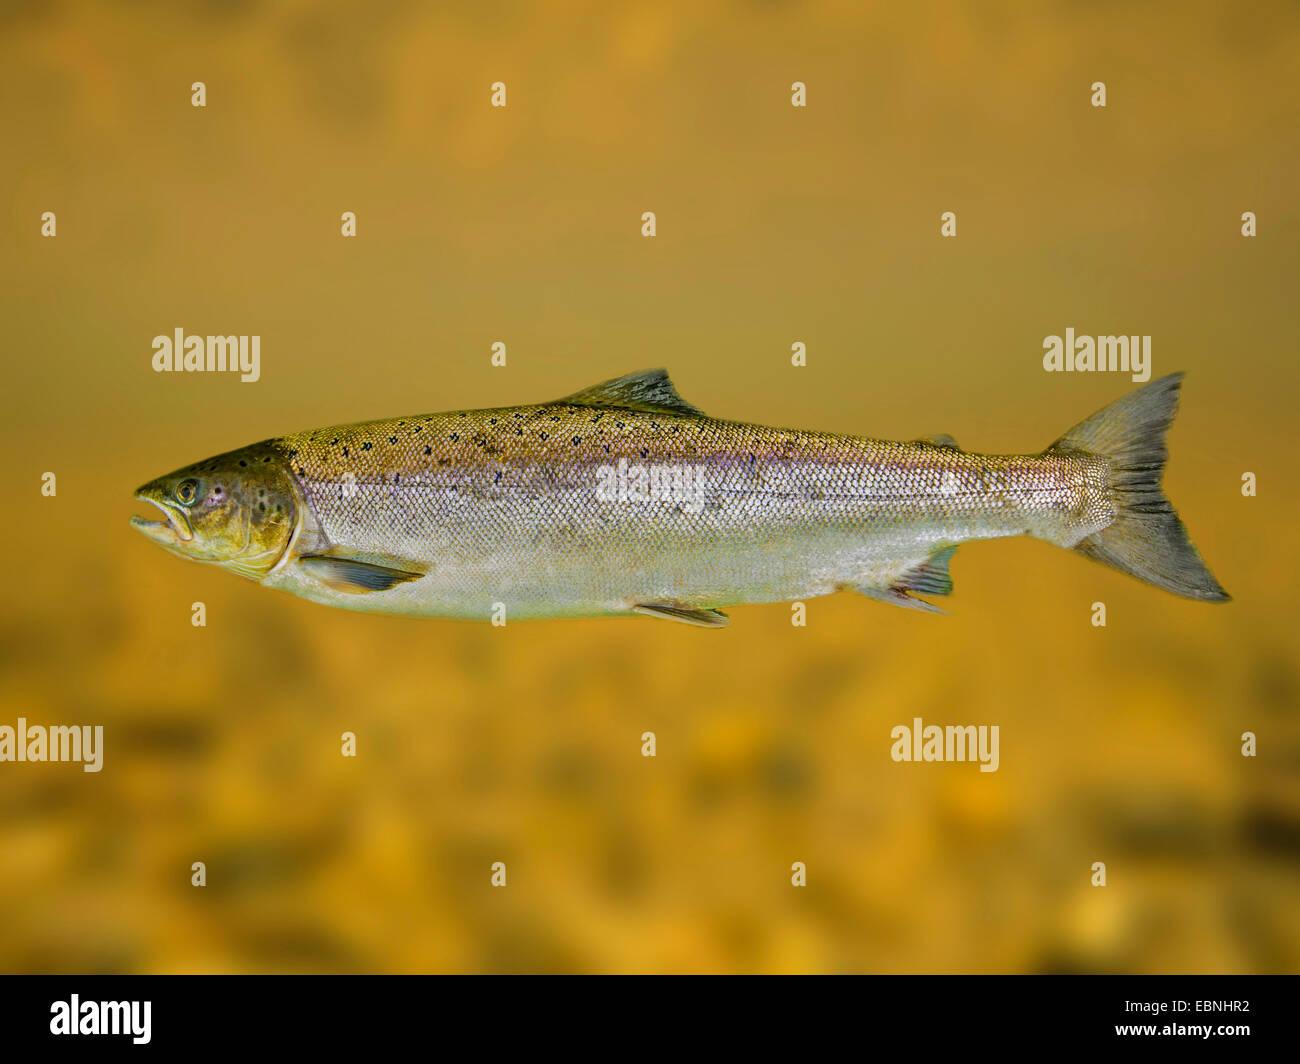 Salmón atlántico, ouananiche, lago de salmón Atlántico, salmón sin litoral, Sebago salmón Imagen De Stock